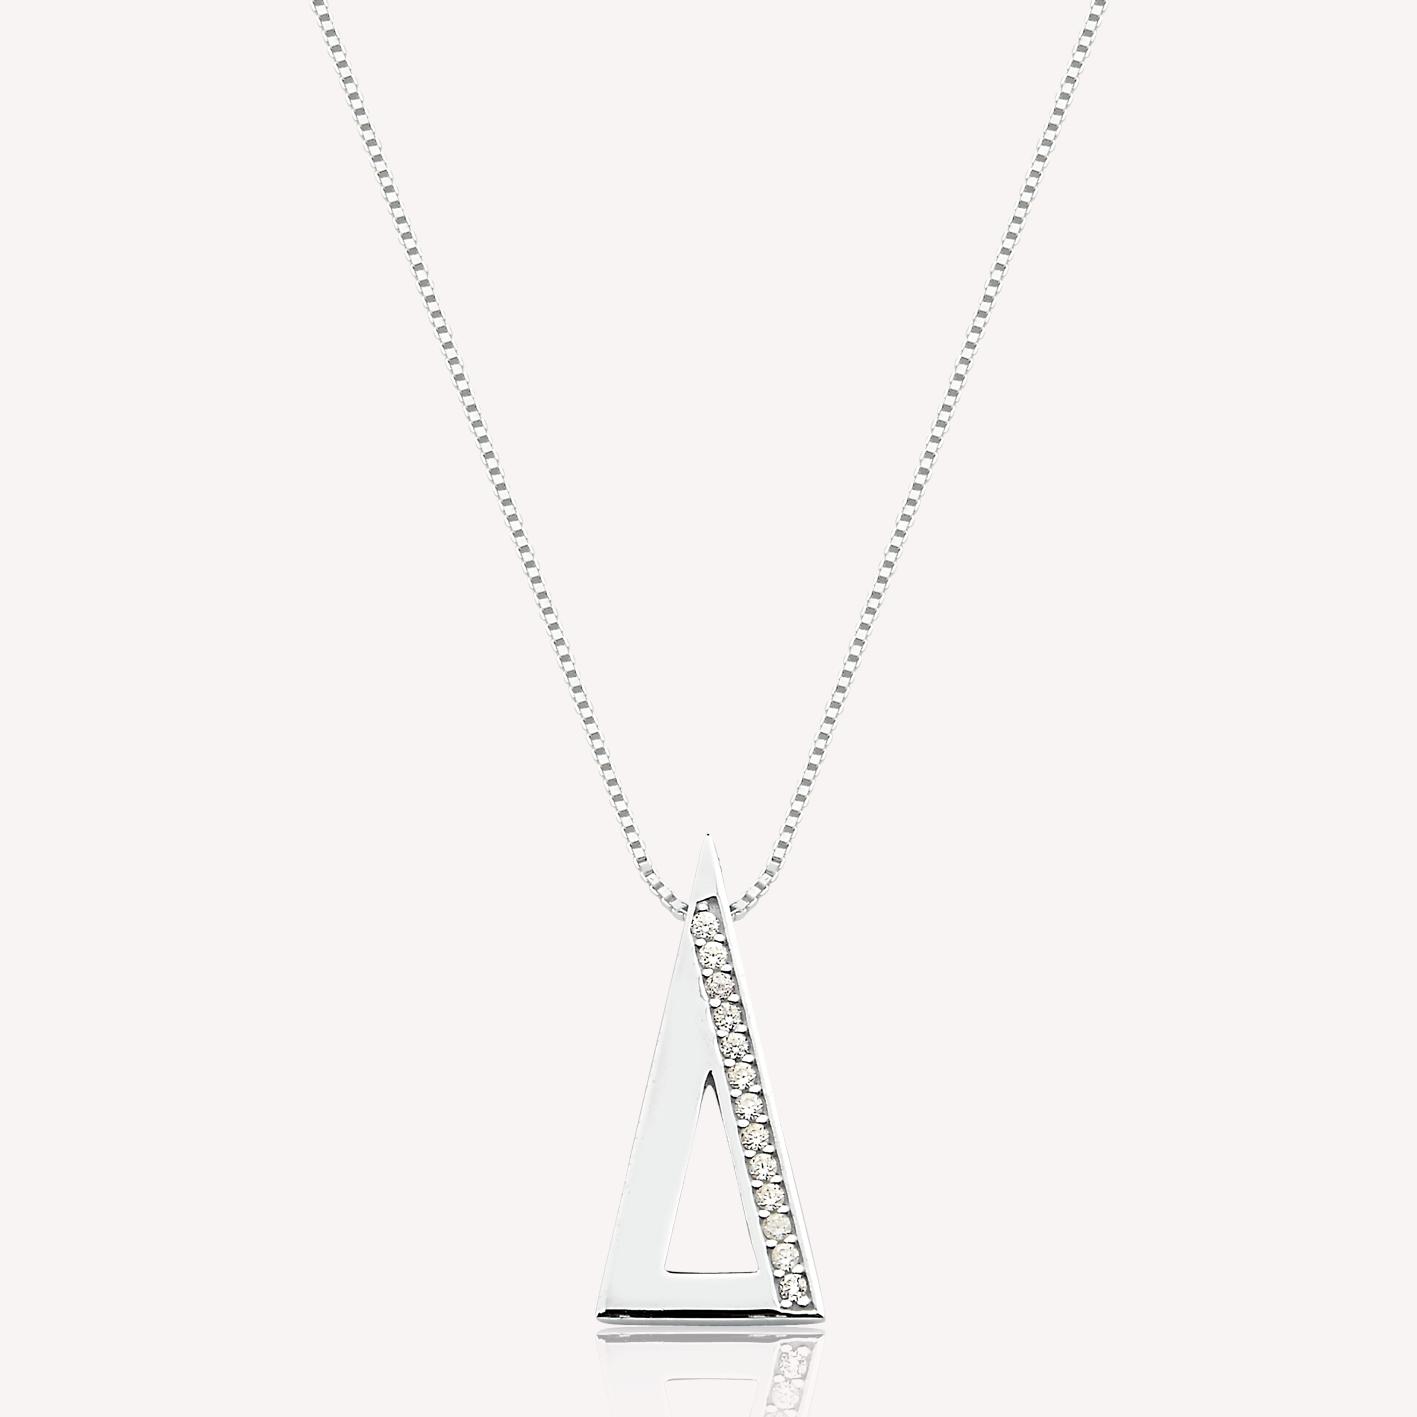 , Joias de prata a um preço acessível são aposta da nova marca Amalis, Assessoria de Imprensa - Press Works